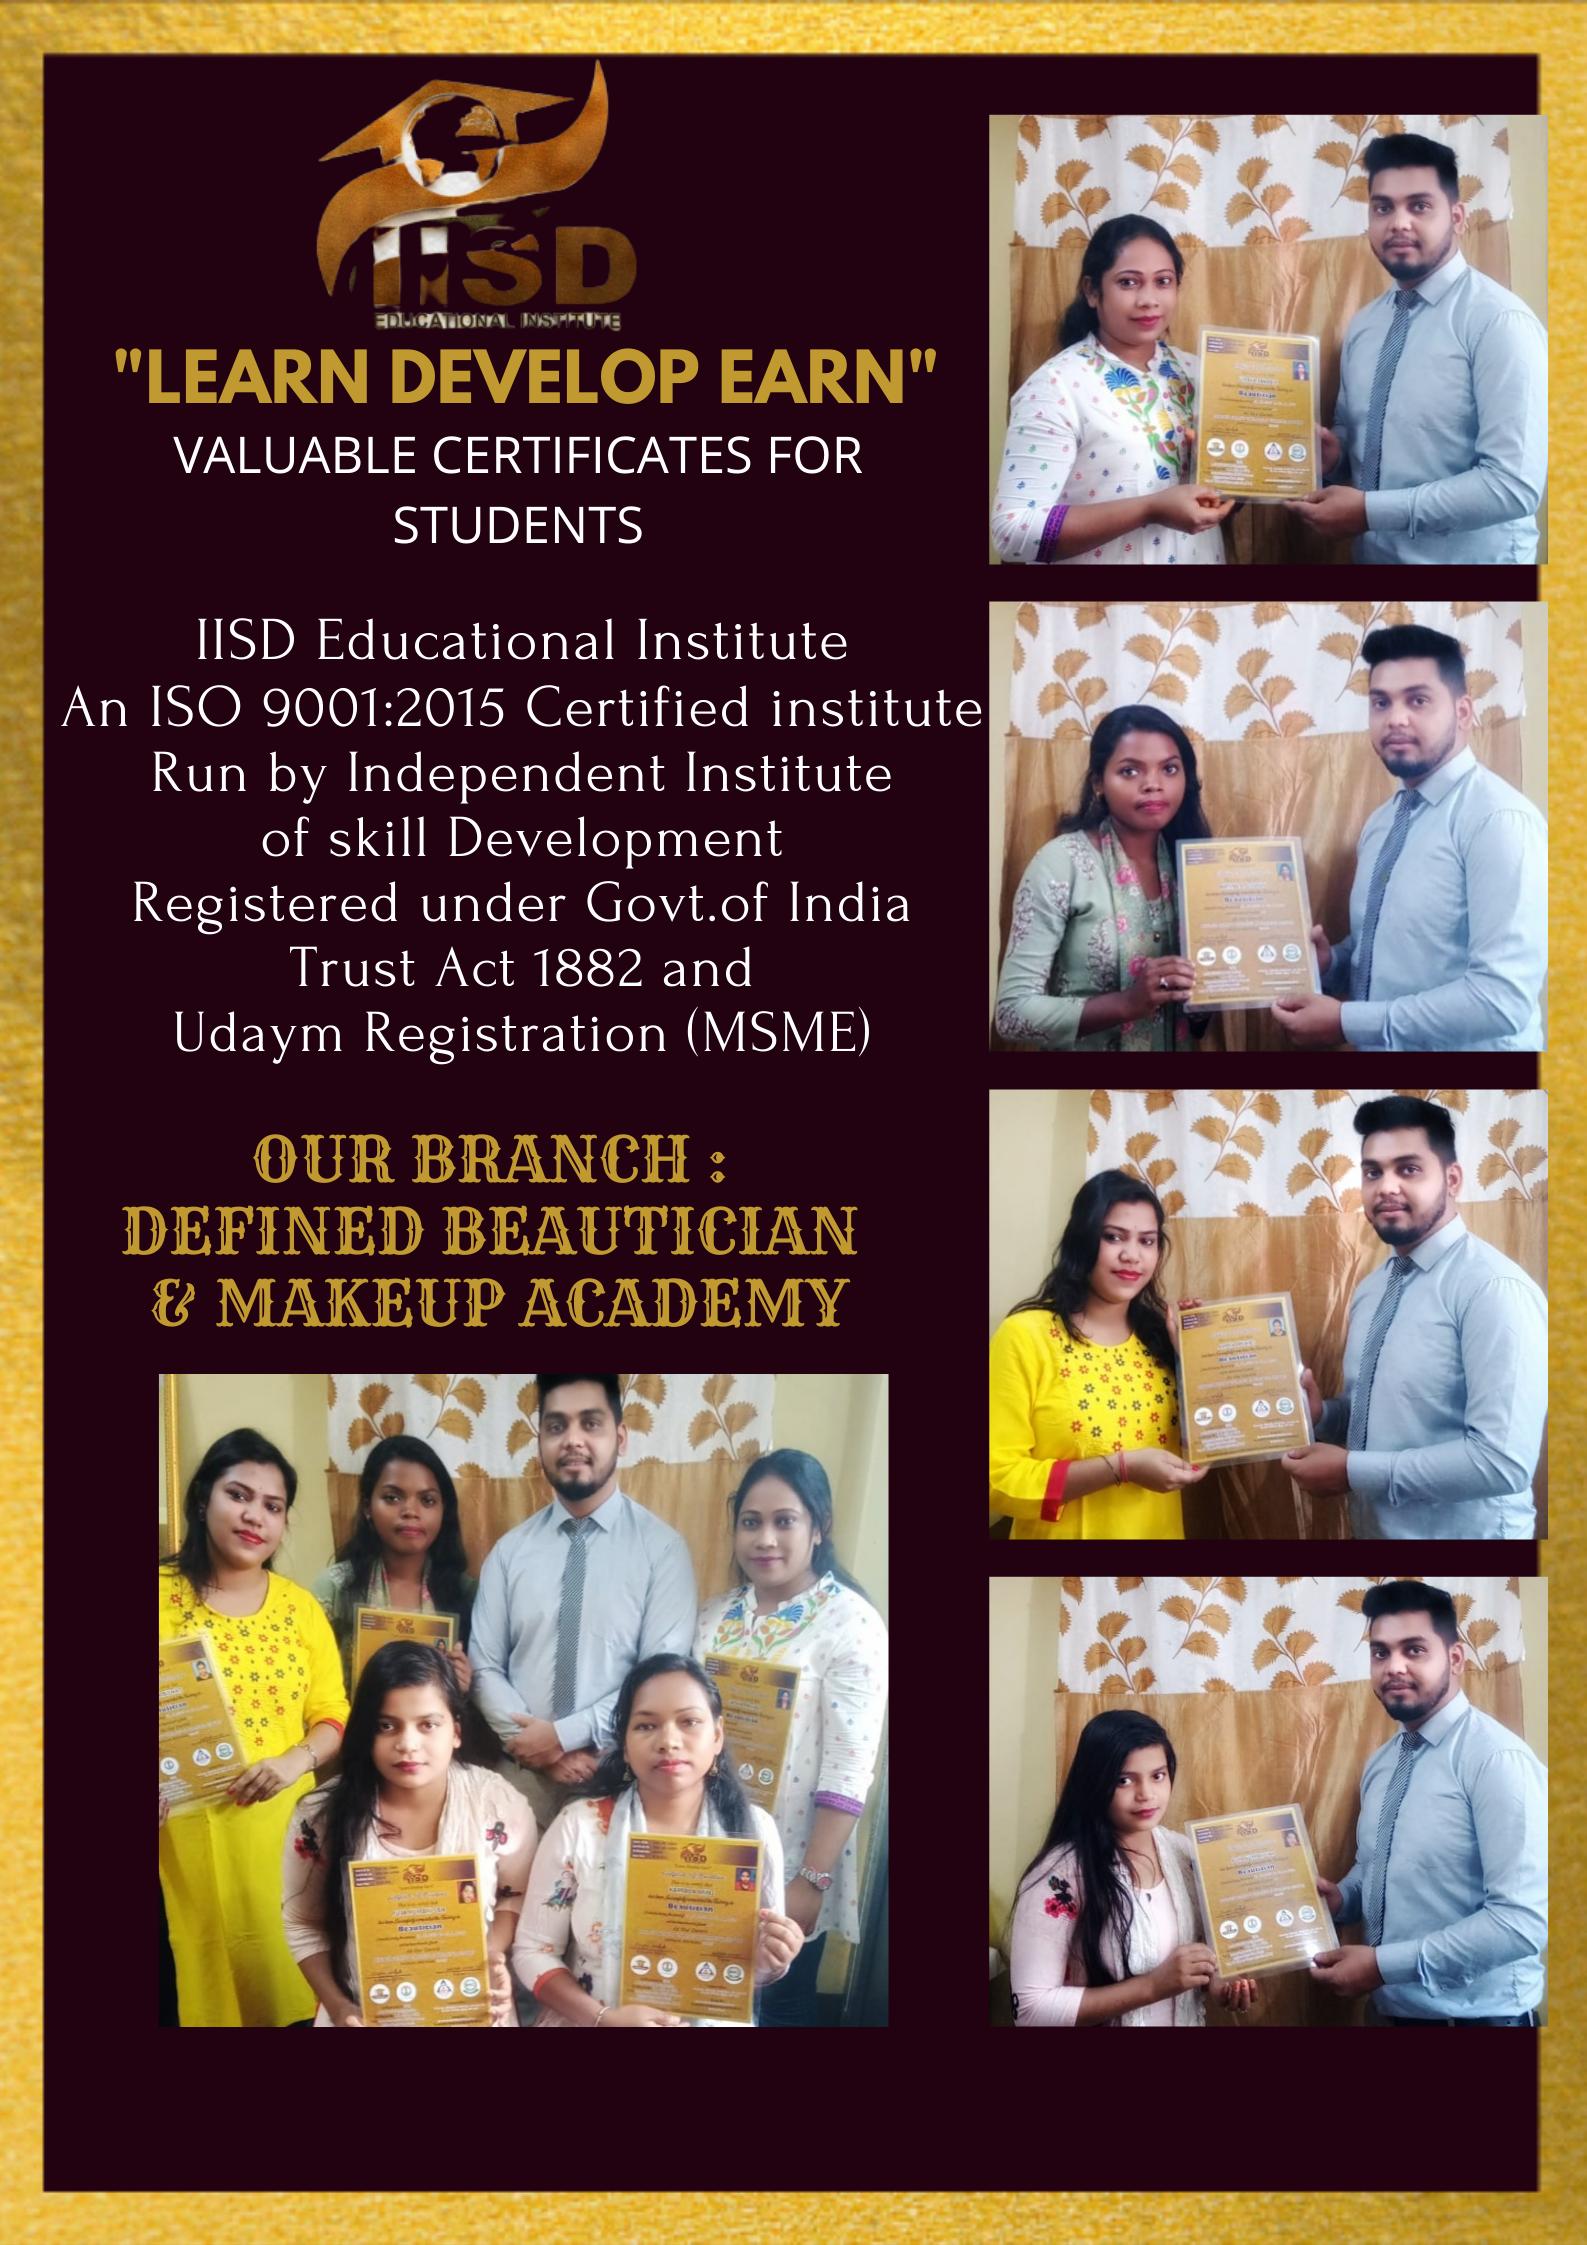 Learn develop esarn